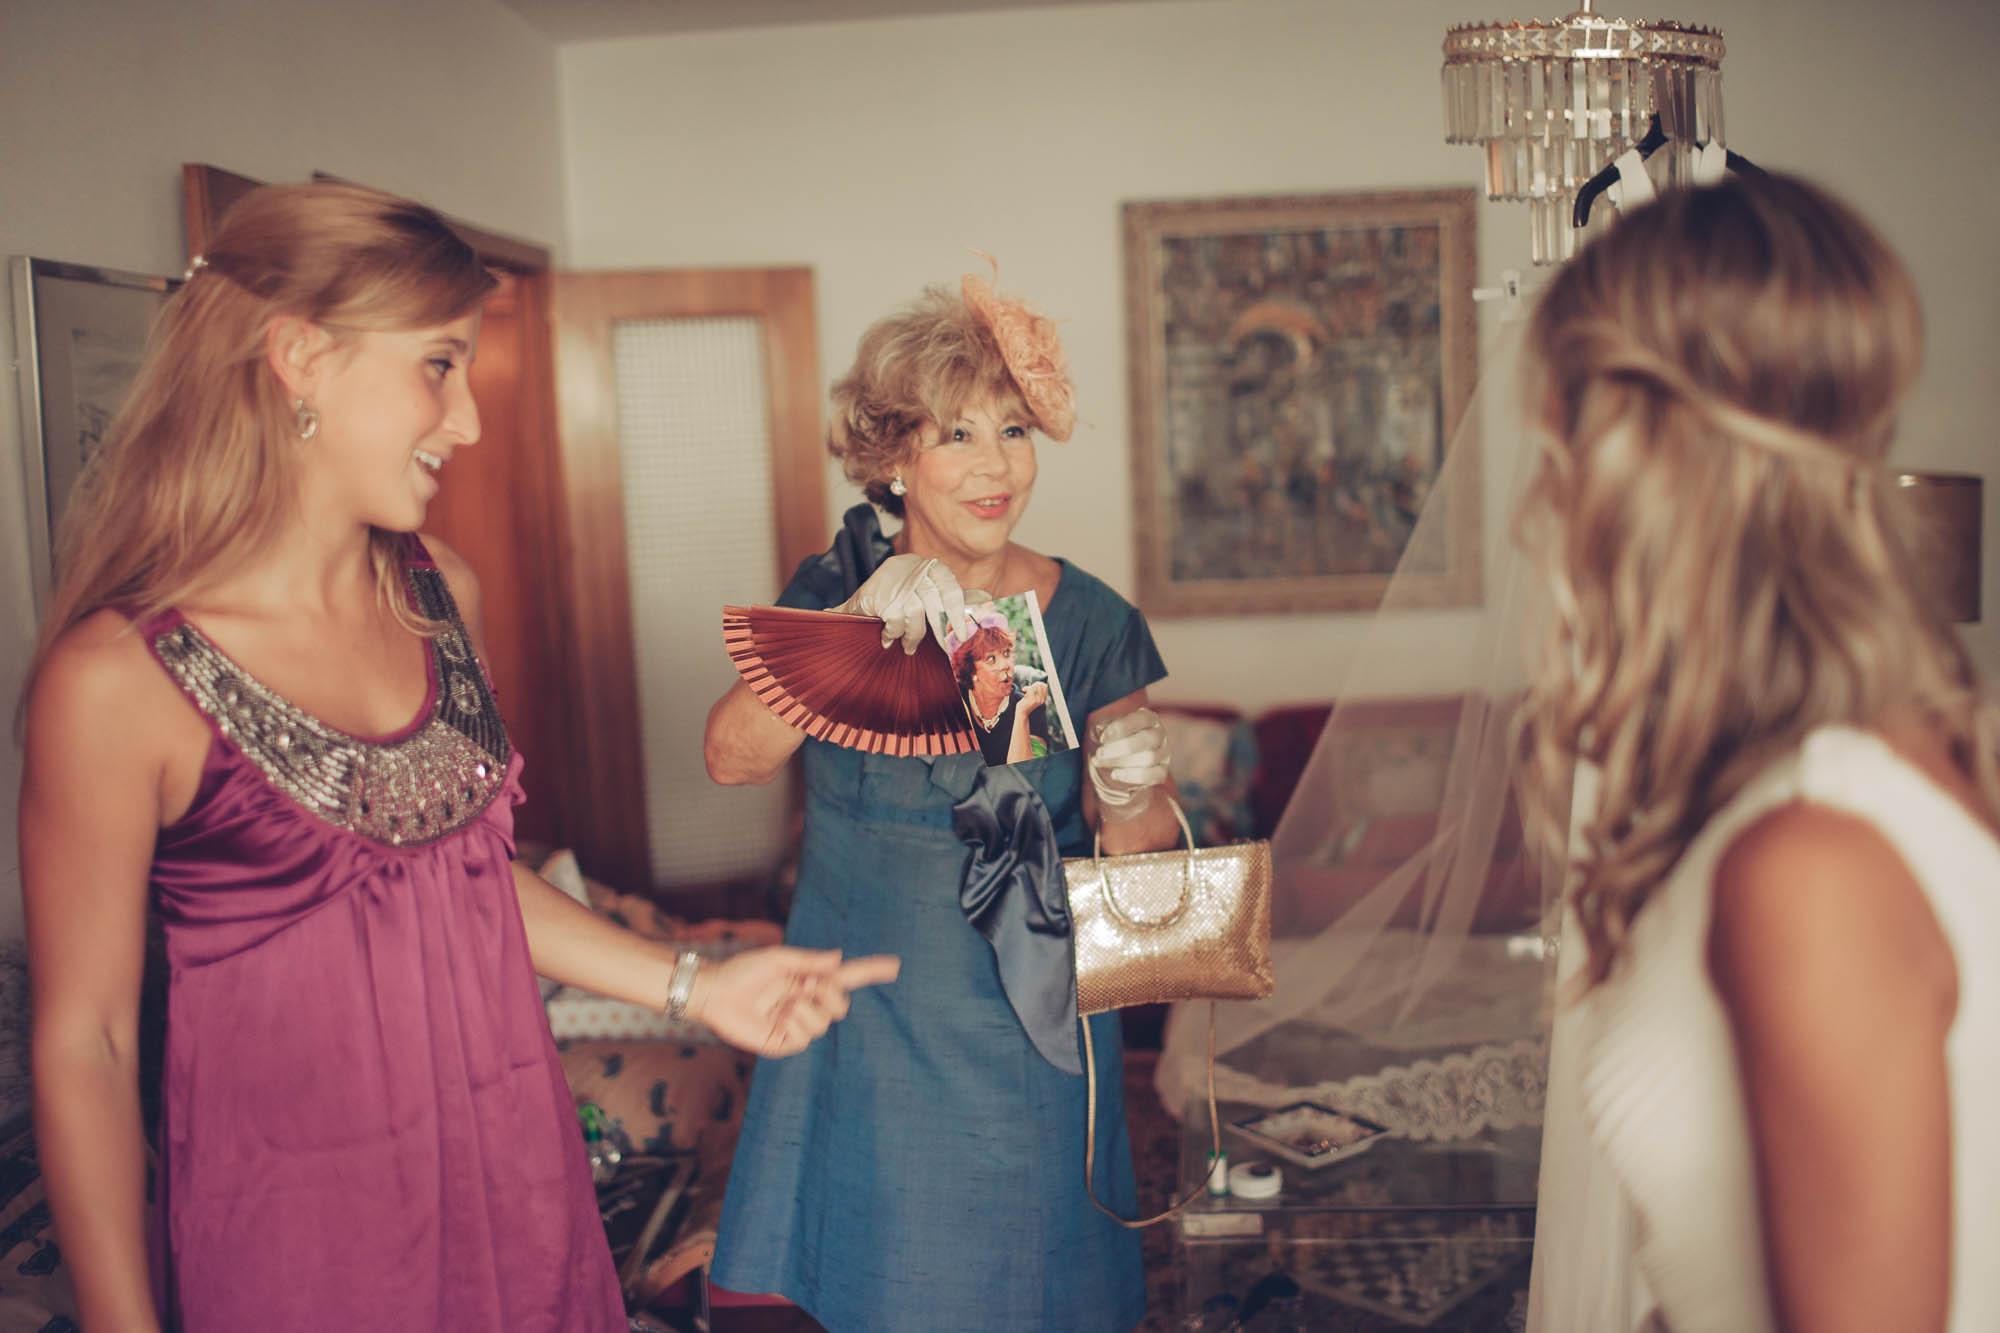 La madre sonríe a la novia